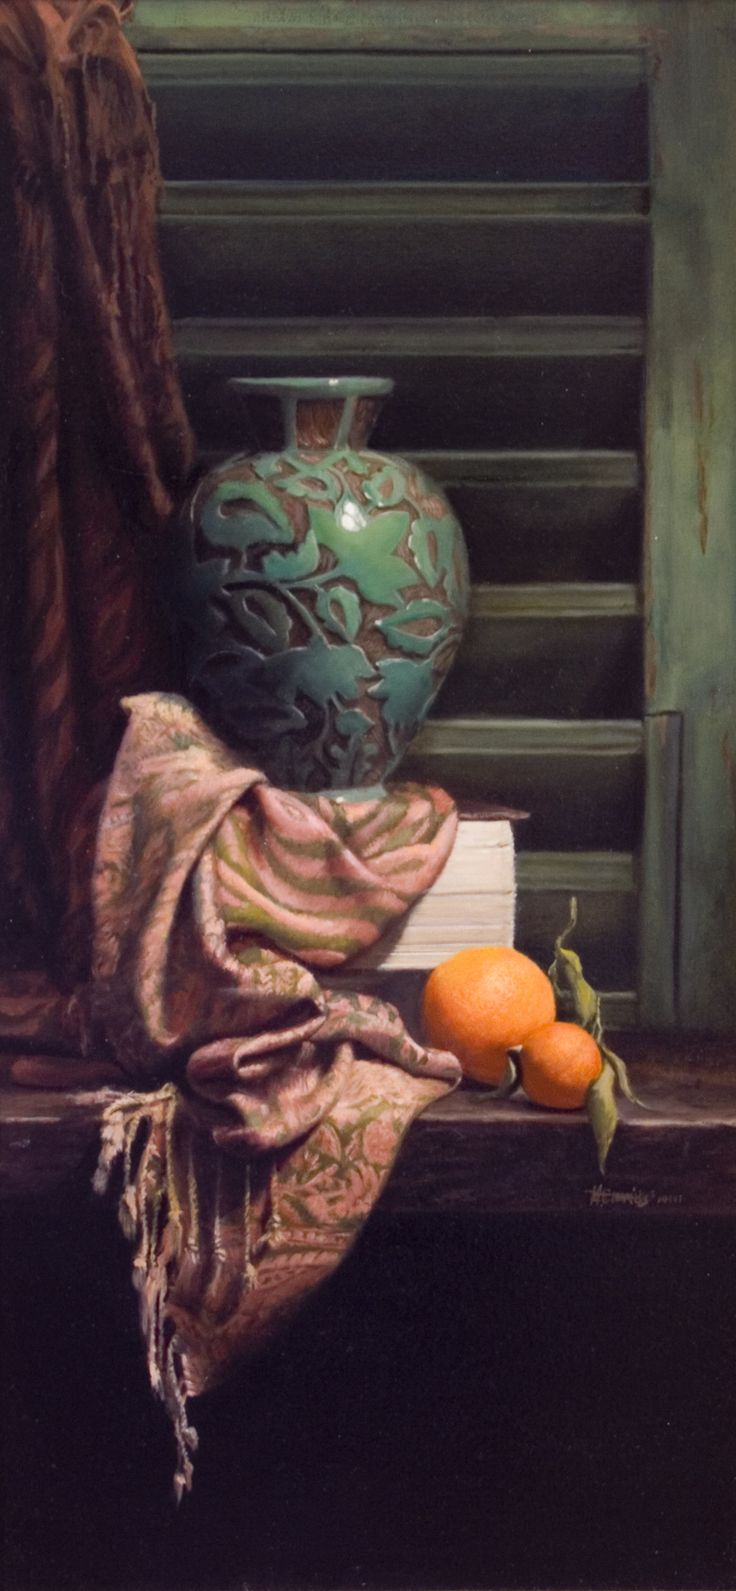 Mark Cummings. Vaso Bello. Oil on canvas.